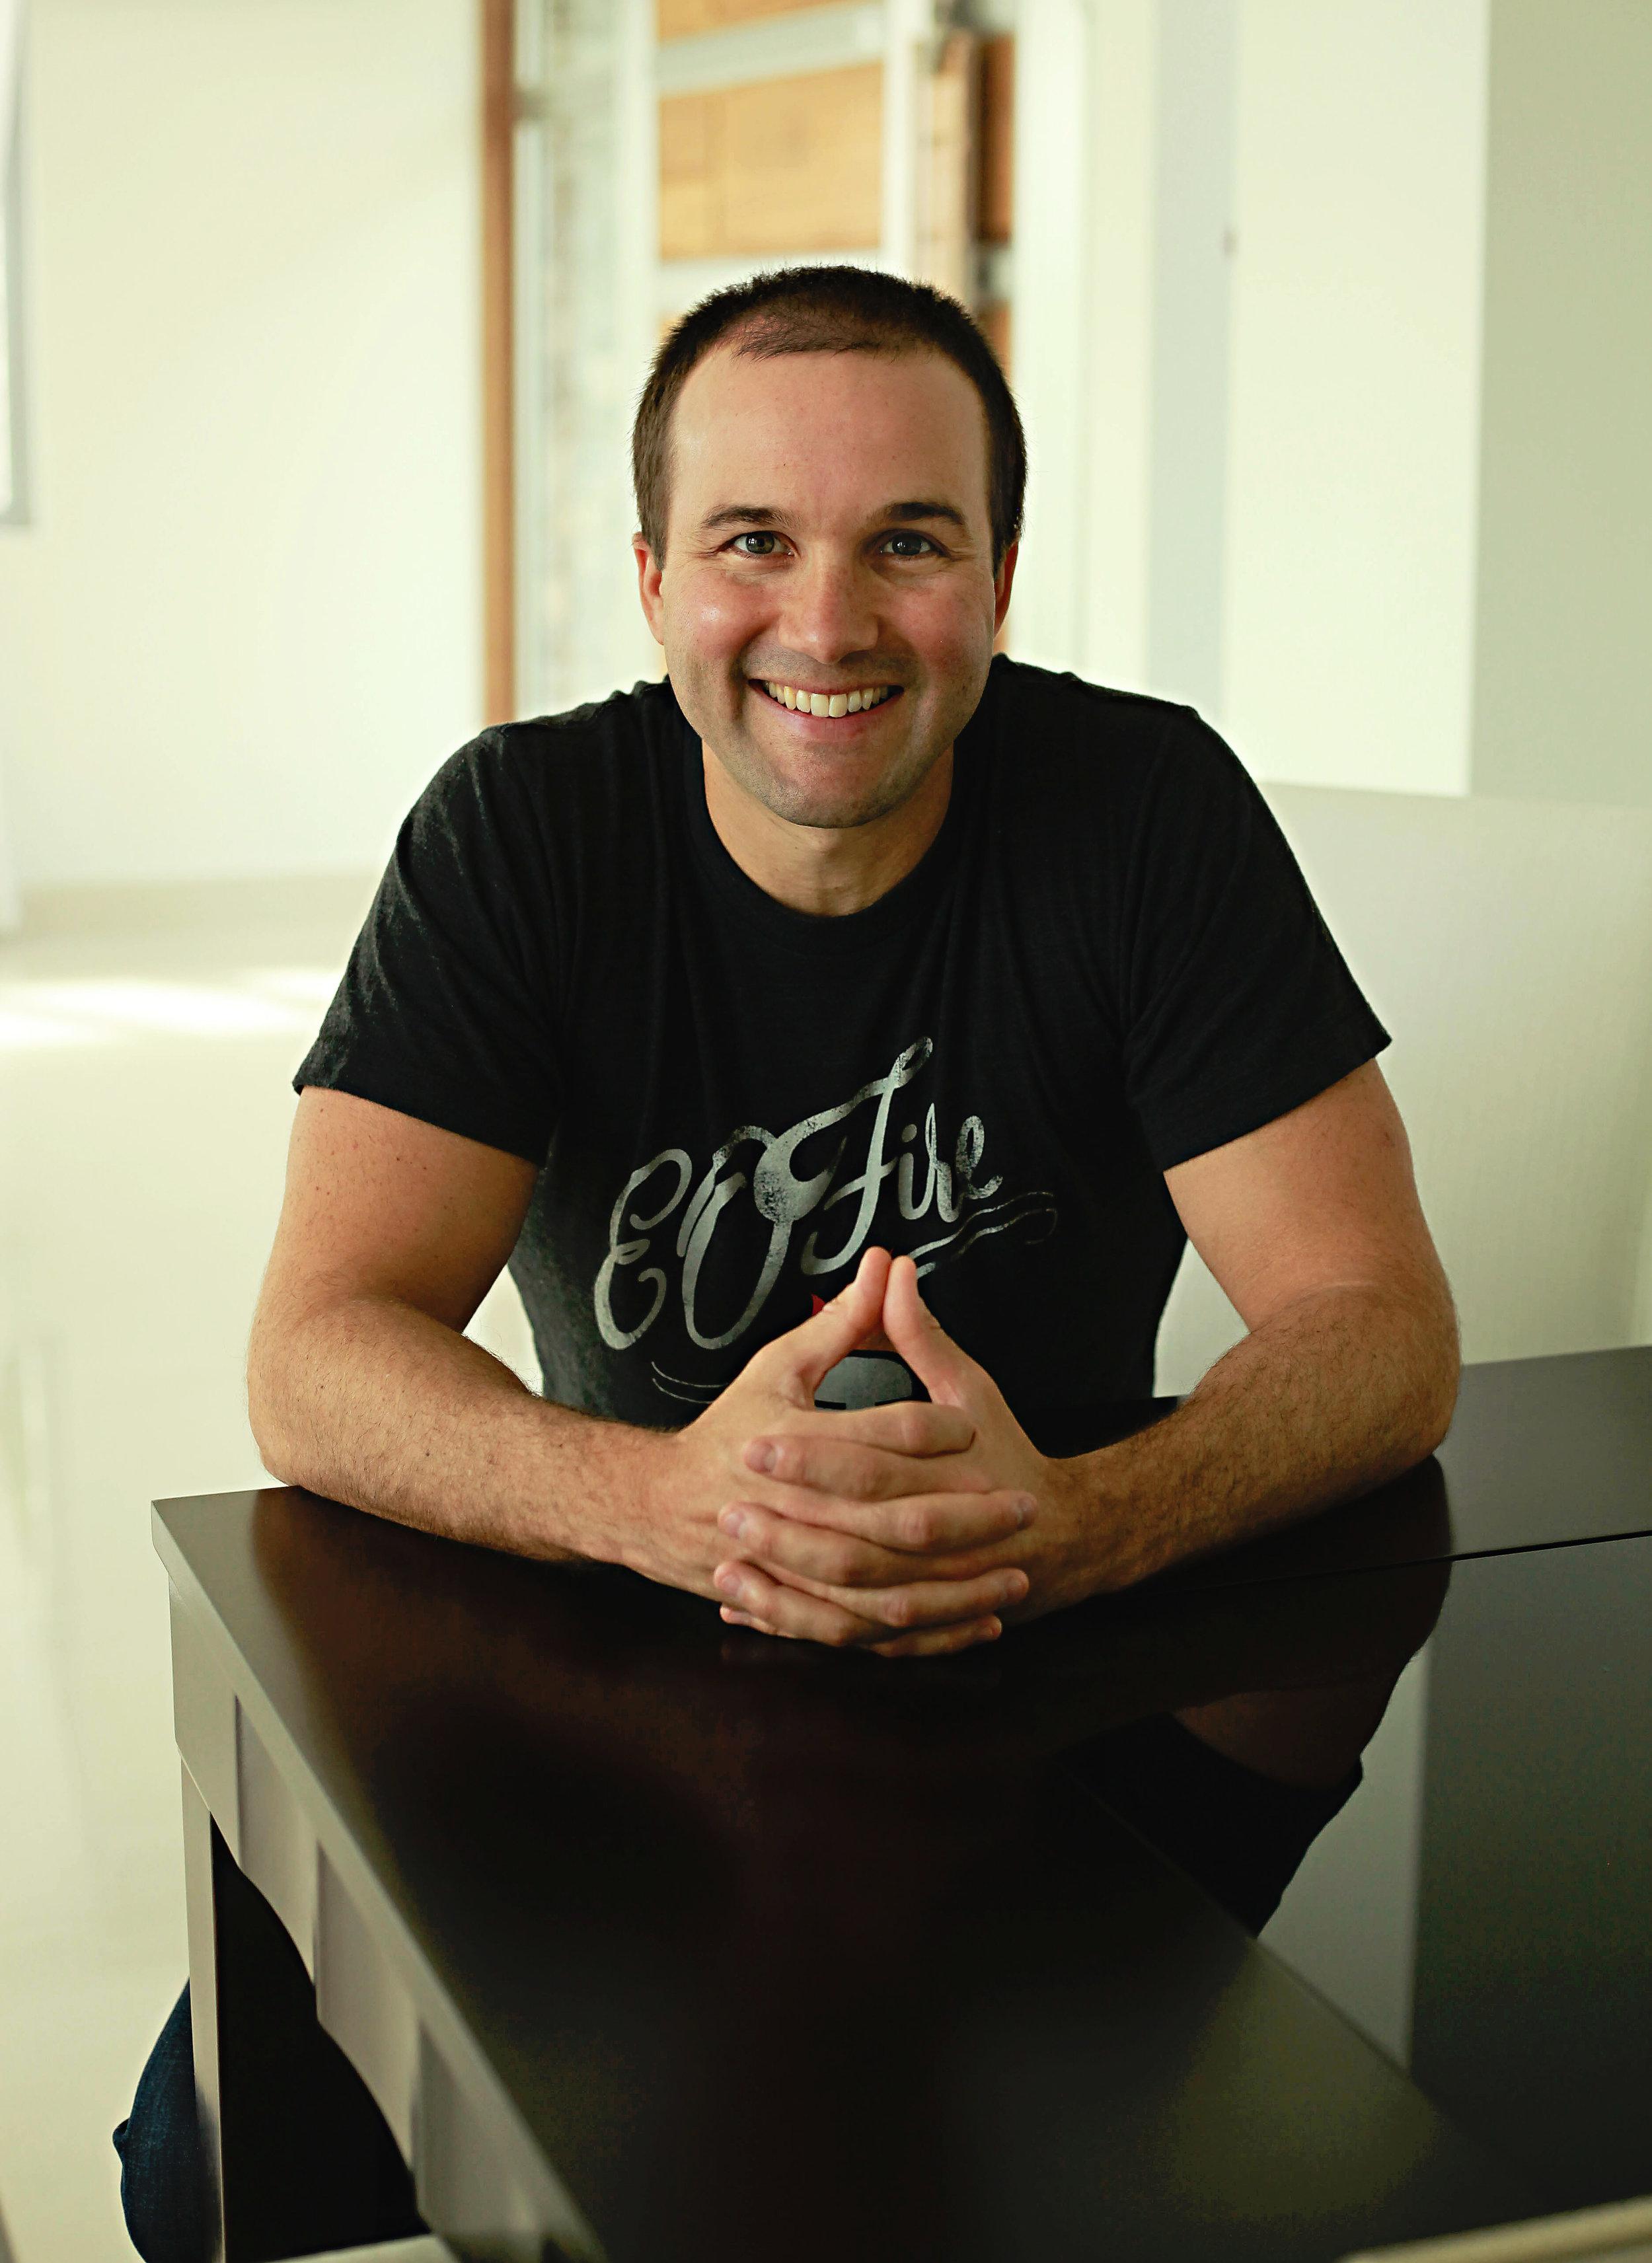 - Award-winning Podcaster: John Lee Dumas